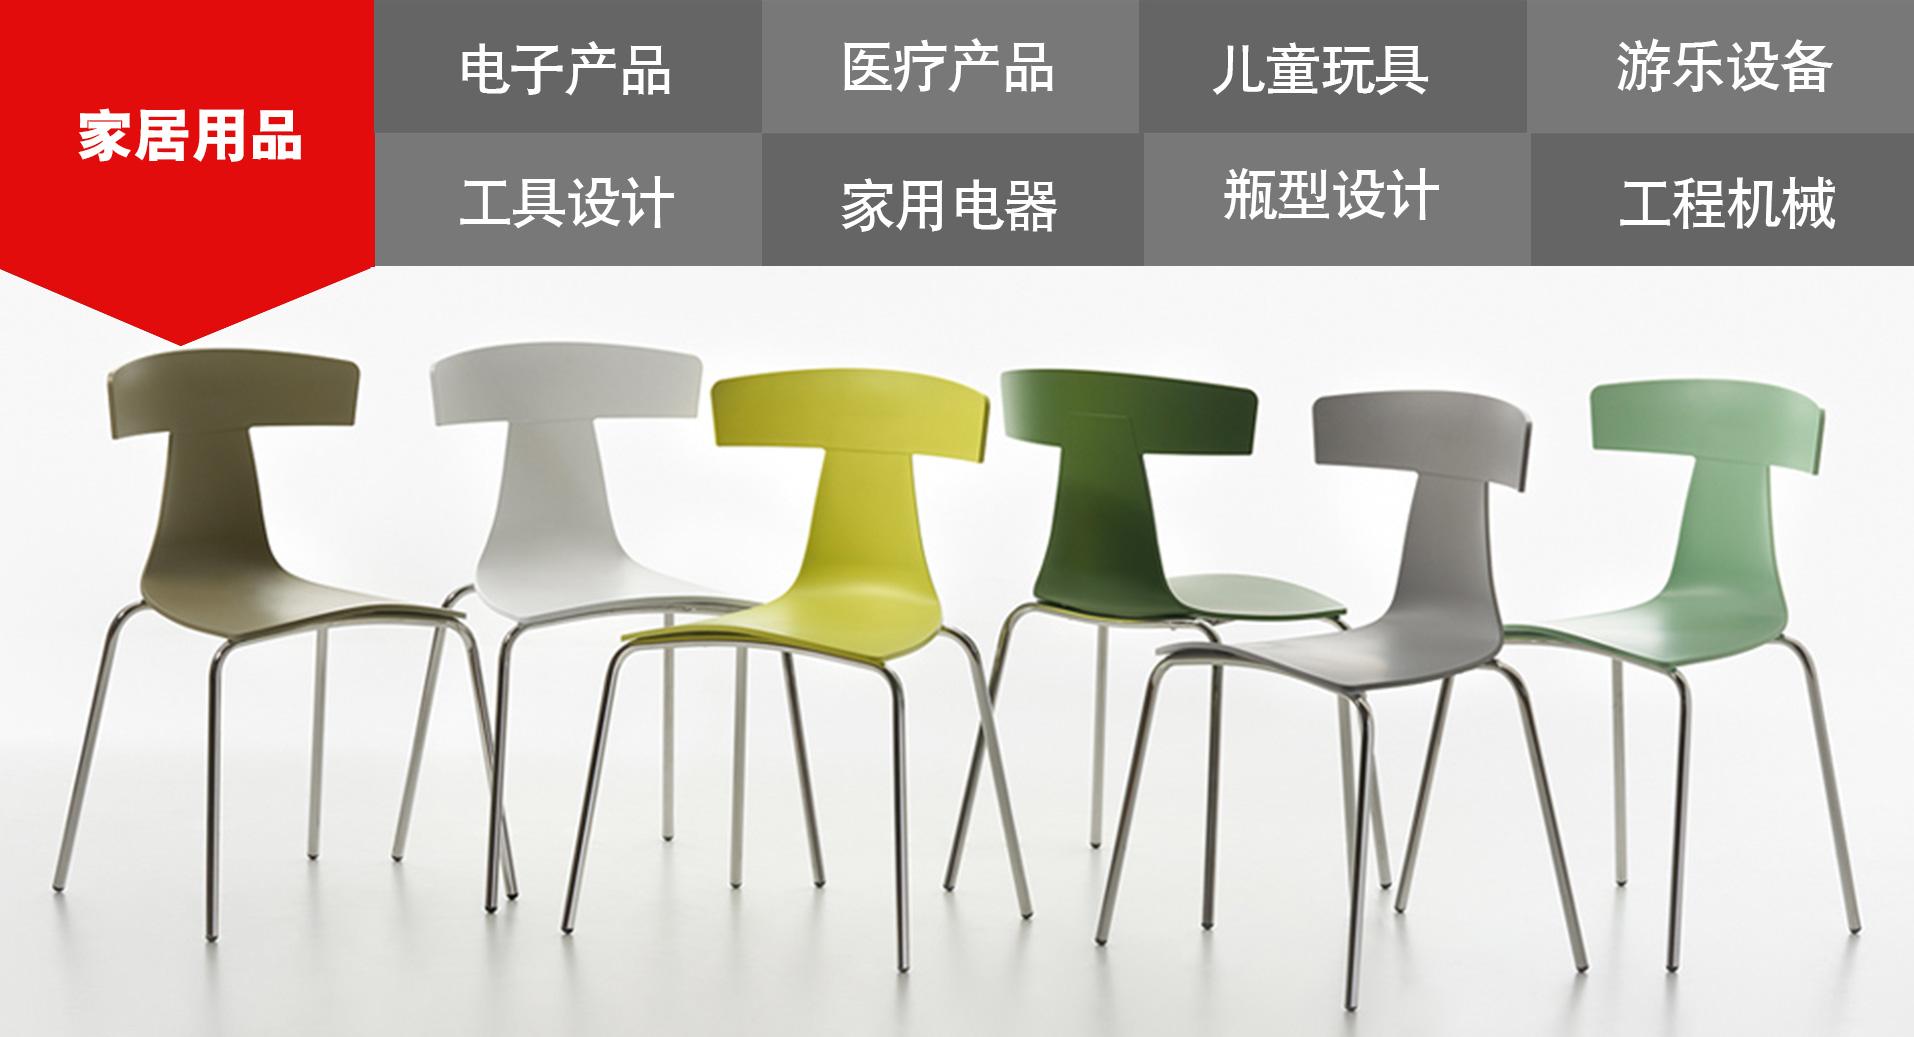 产品外观设计_【智能家电】笔间产品设计/外观设计/工业设计/智能家电器设备10